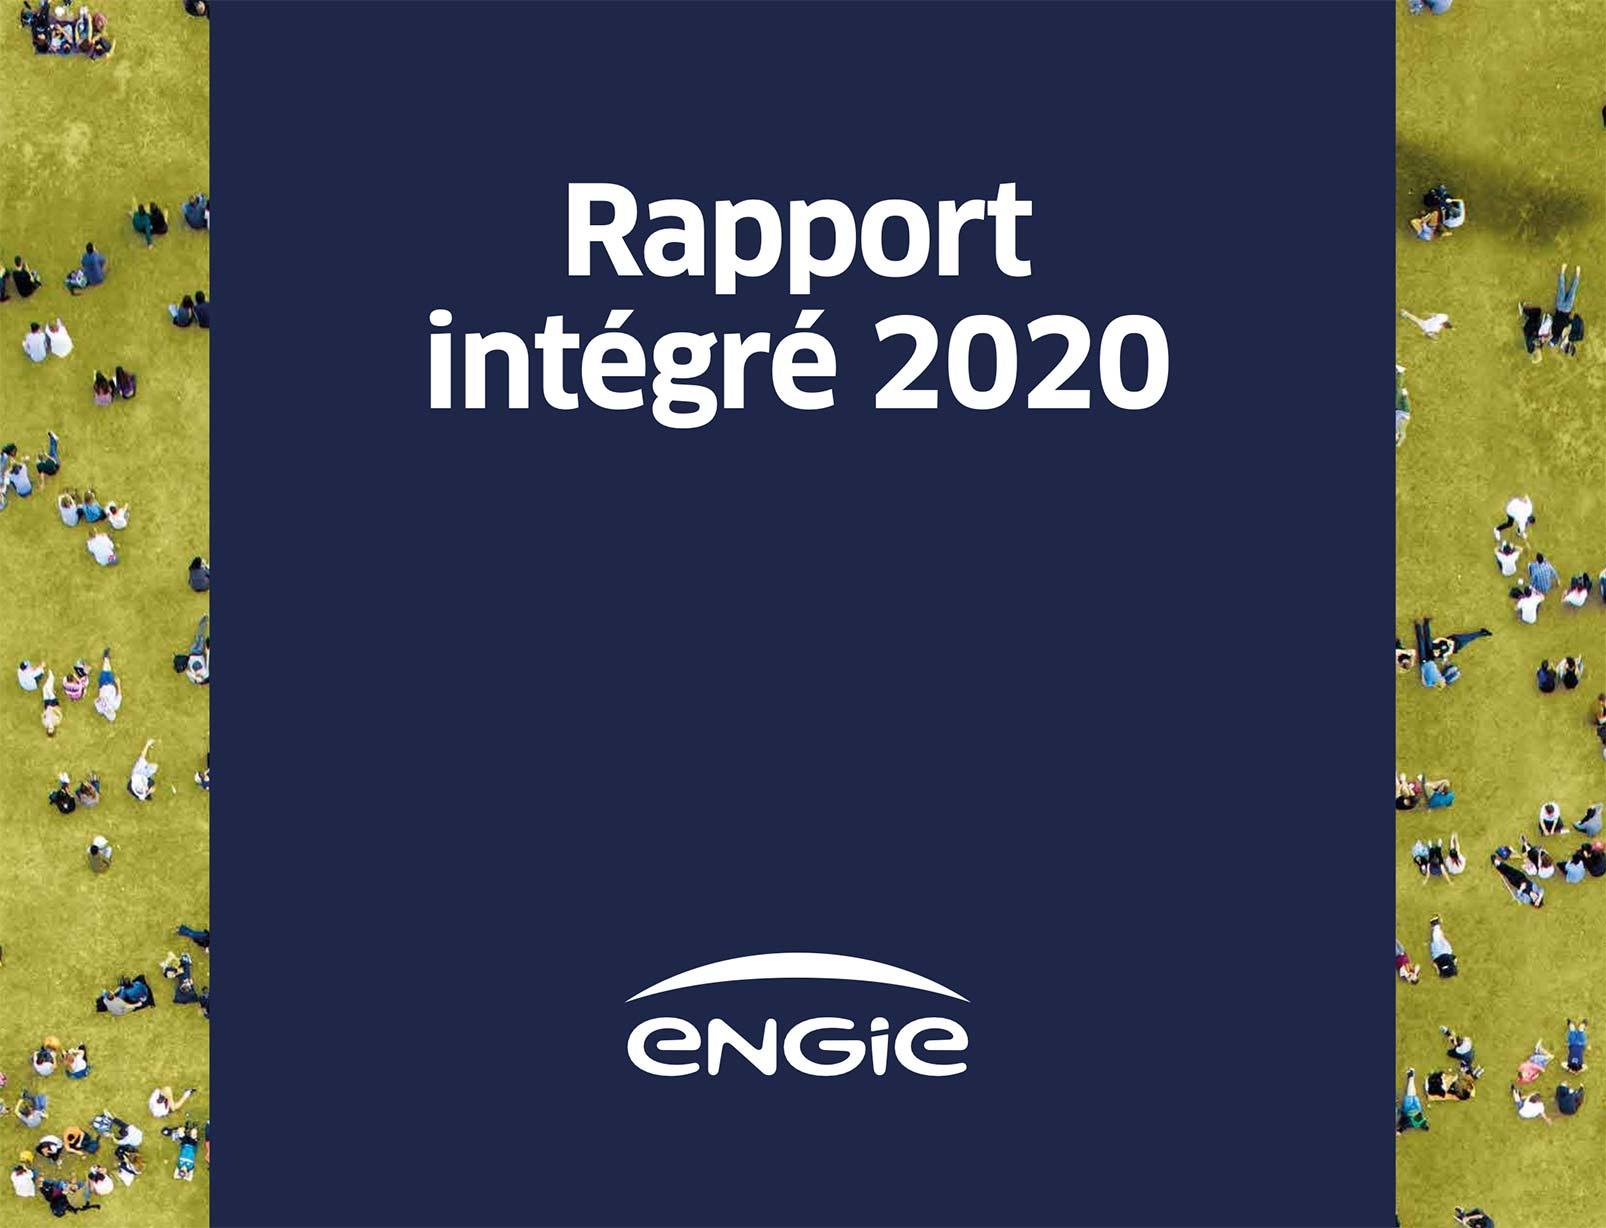 Rapport intégré Engie 2020